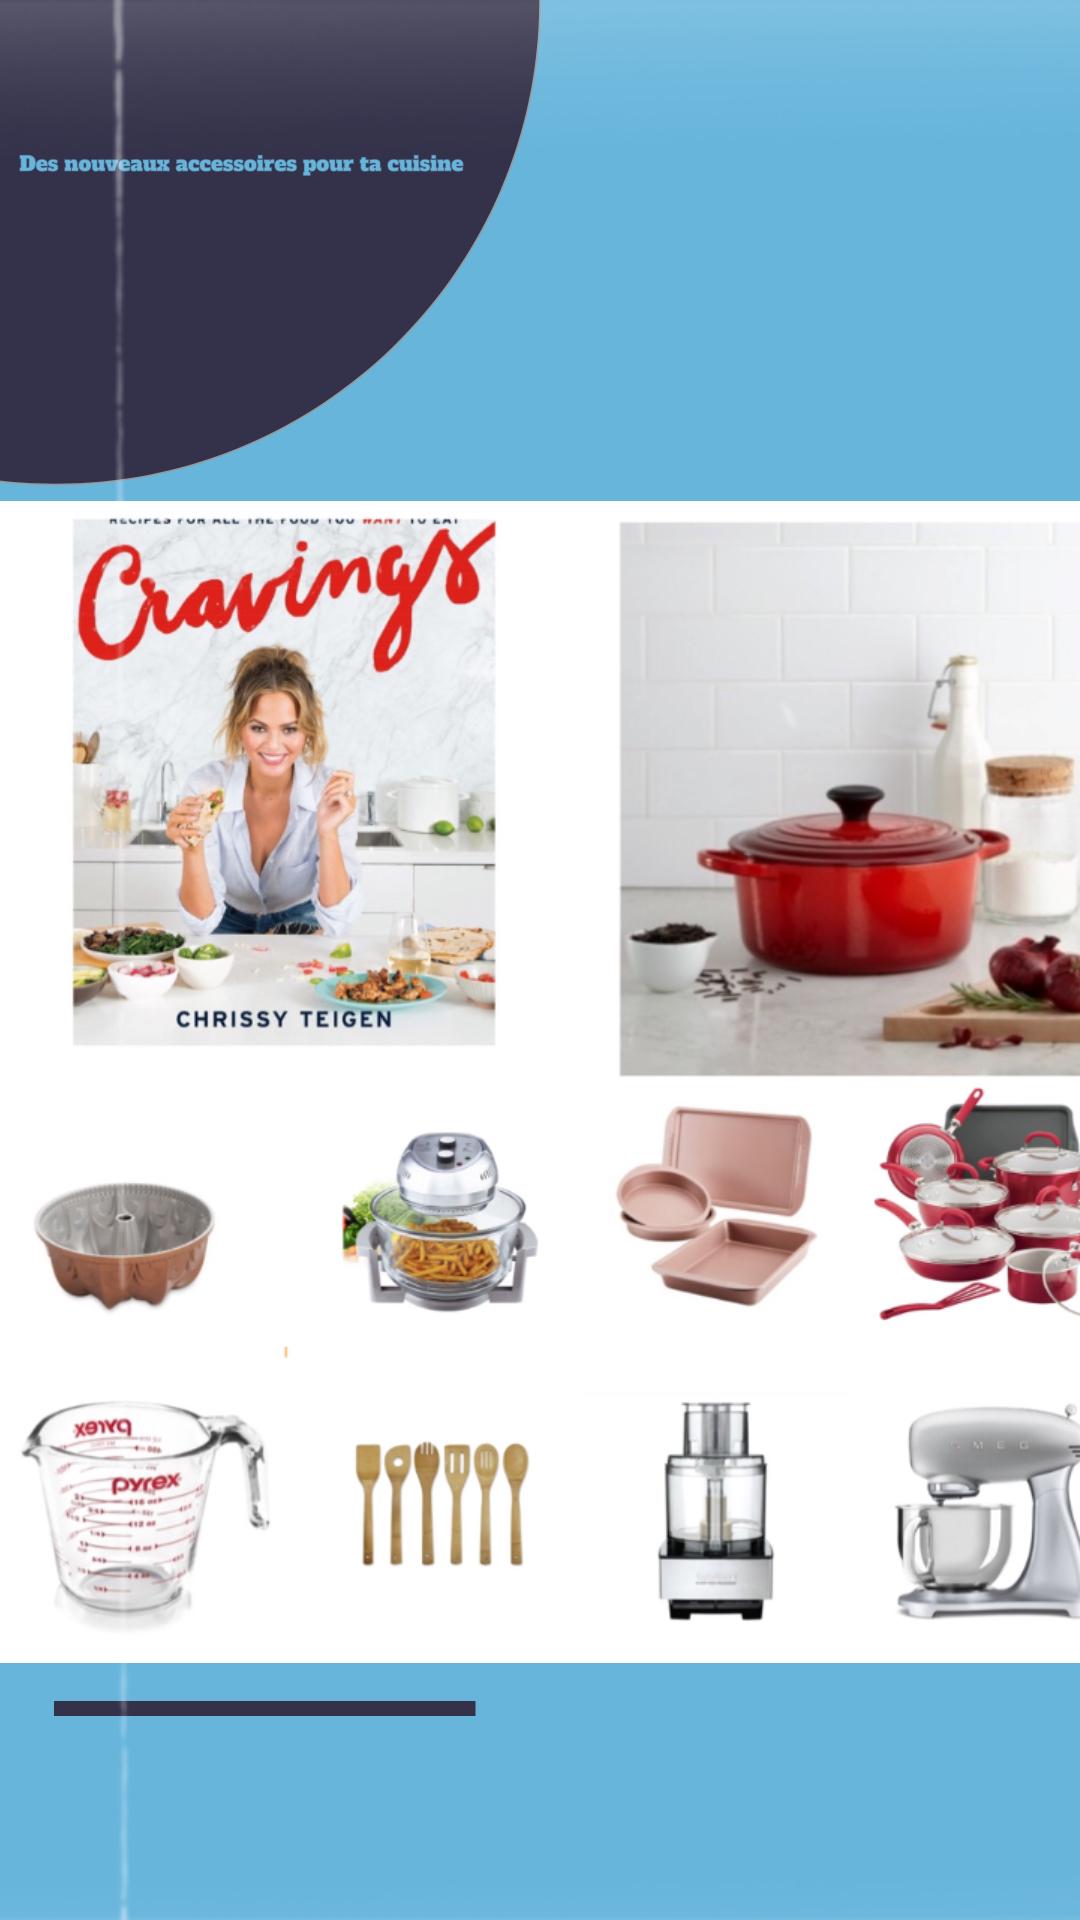 Des nouveaux accessoires pour ta cuisine